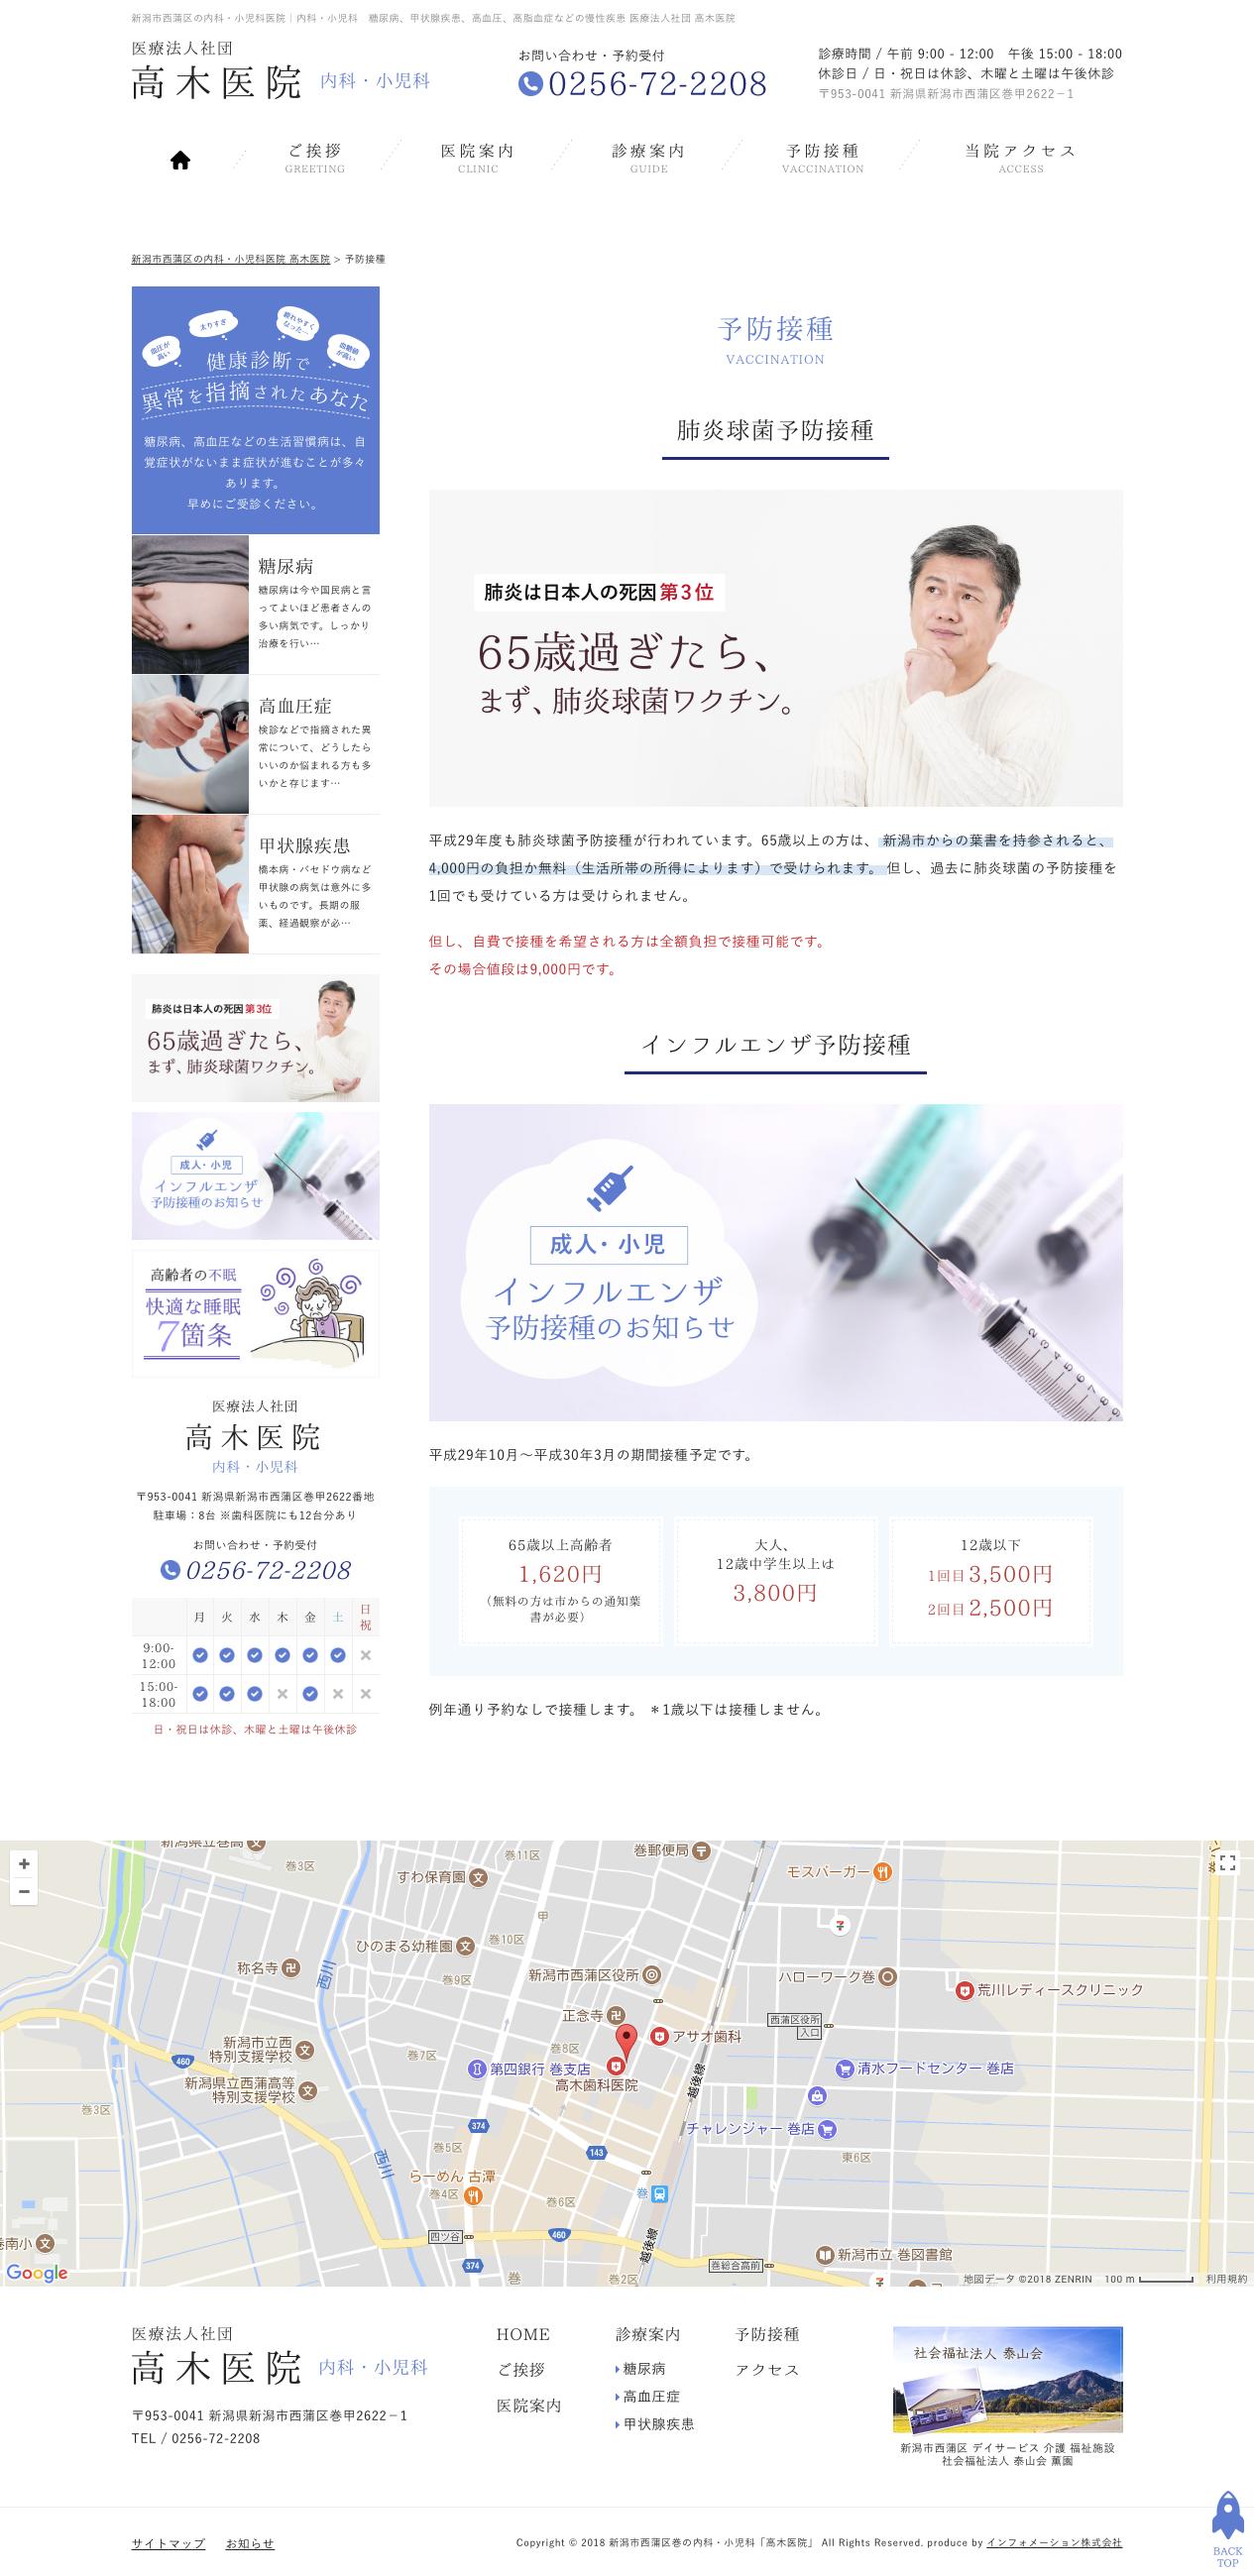 高木医院 様のホームページ画像